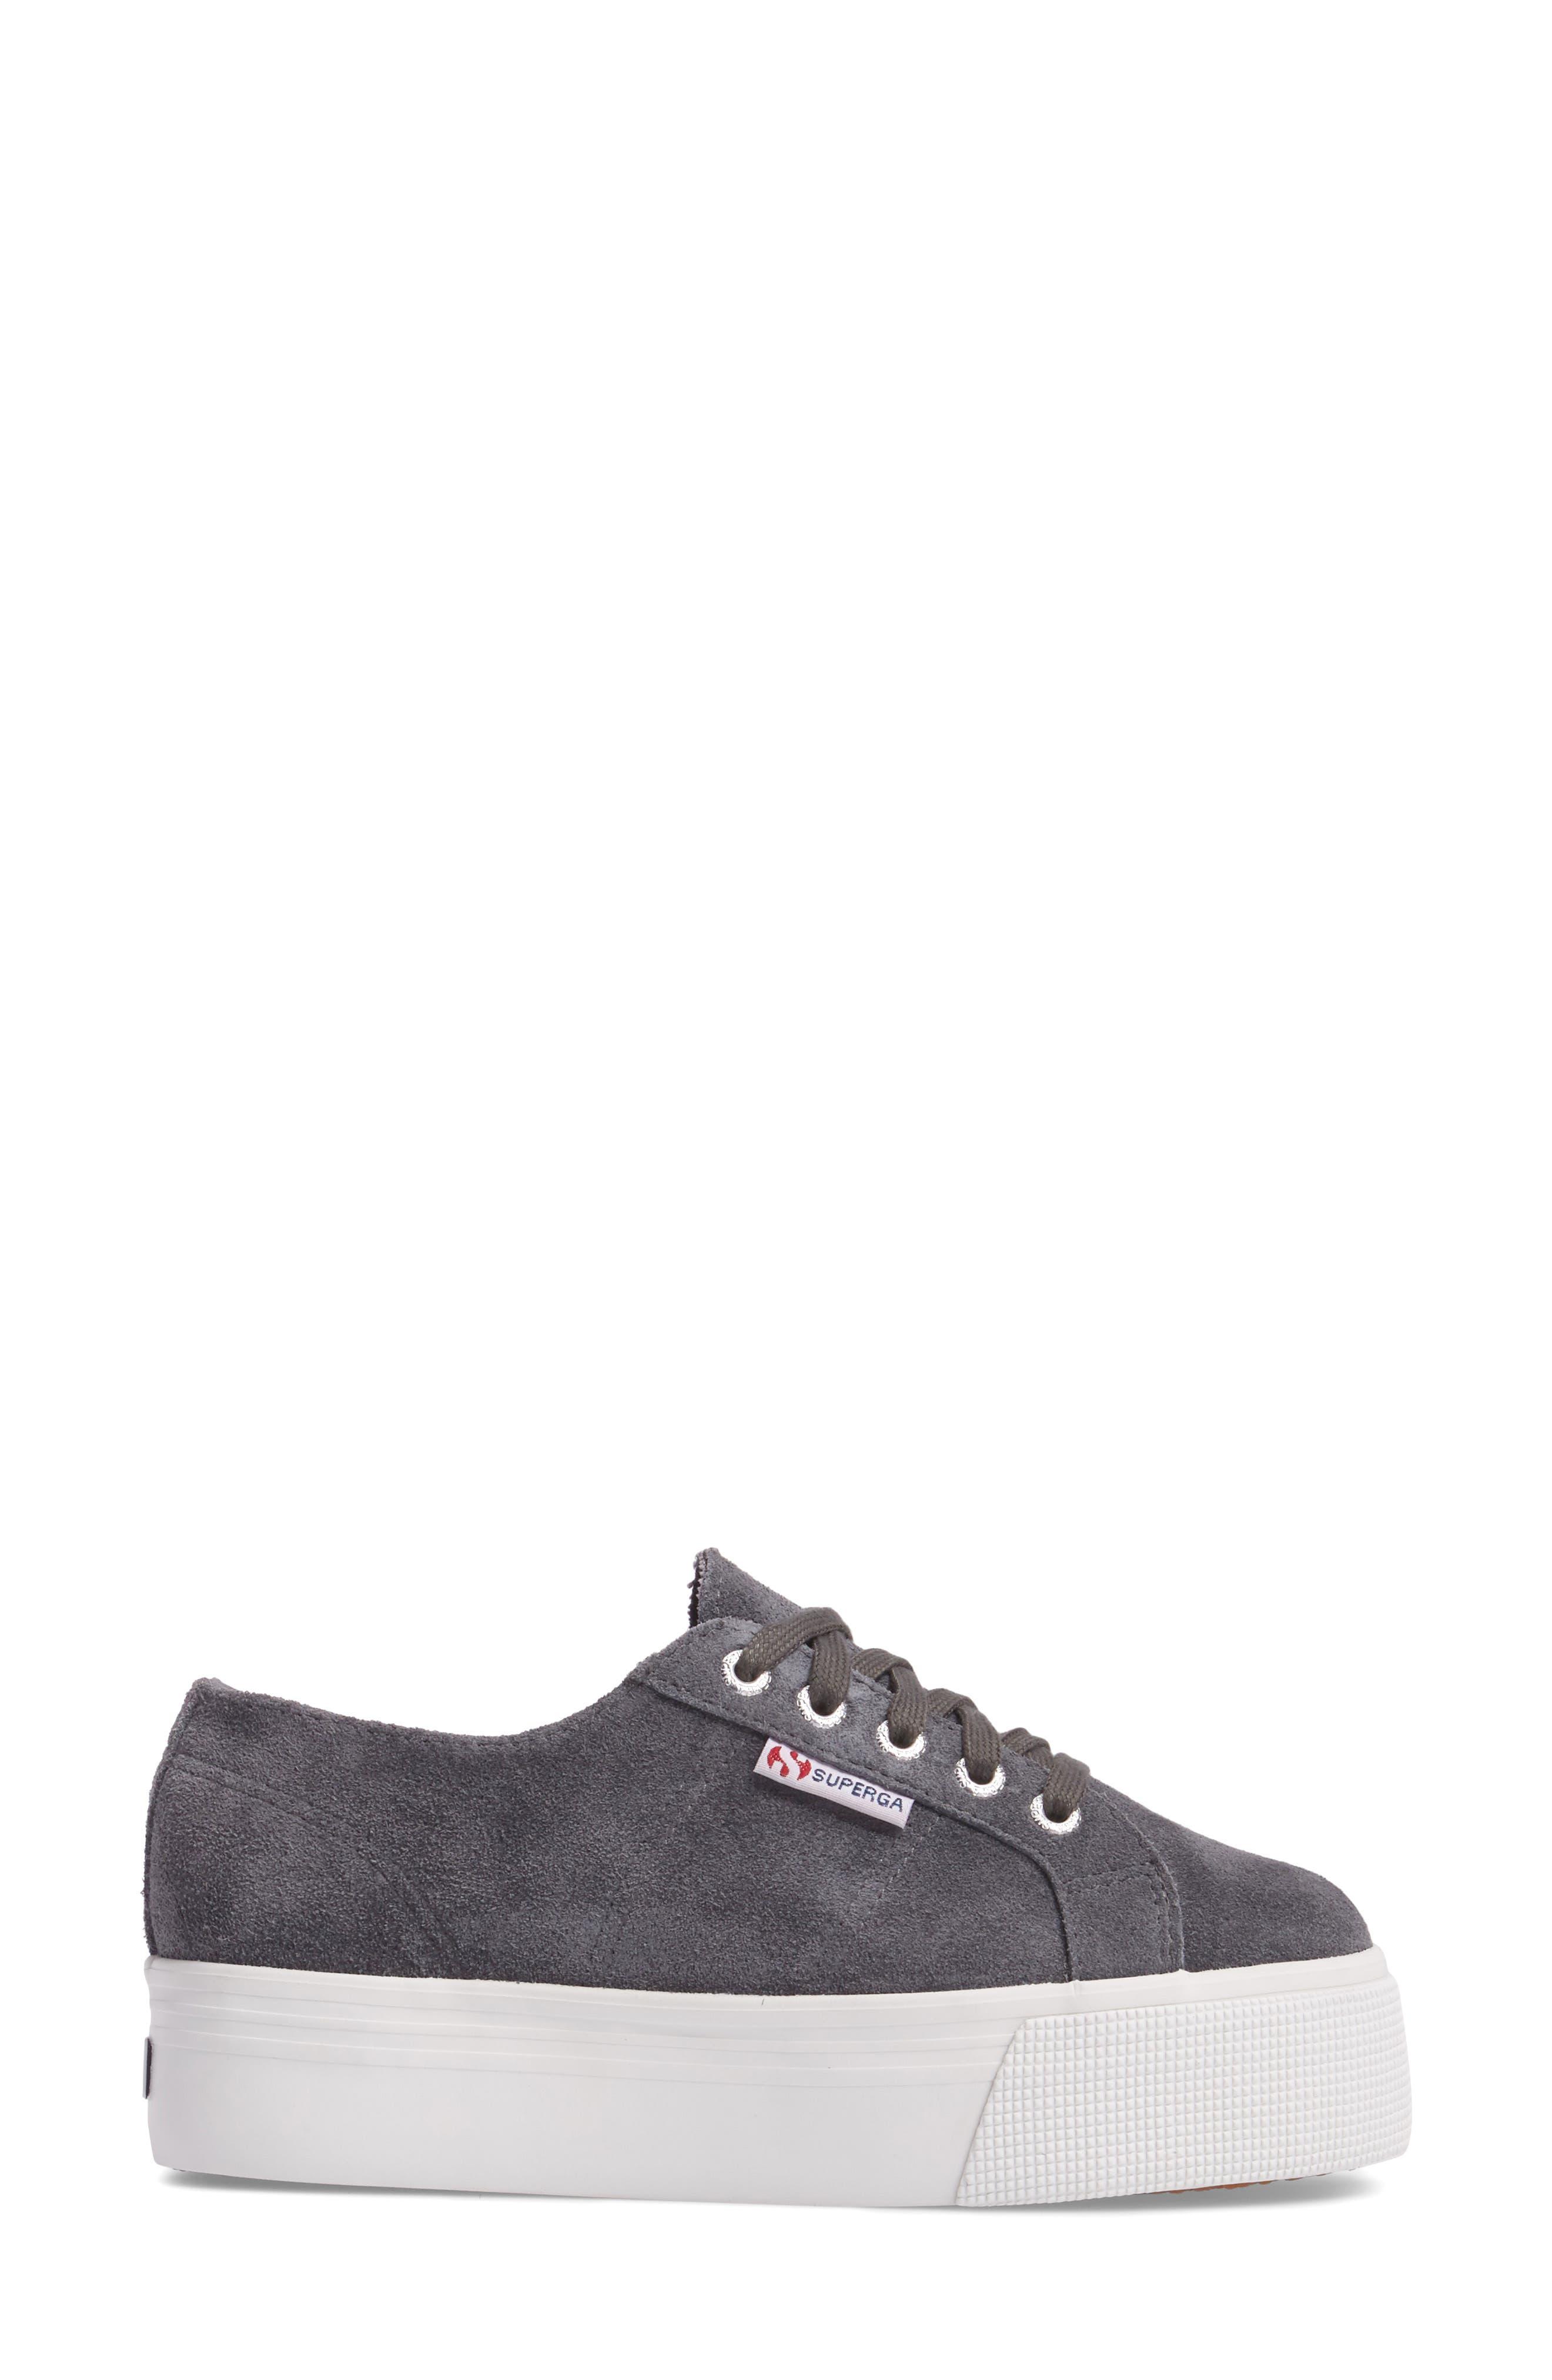 Alternate Image 3  - Superga 2790 Platform Sneaker (Women)